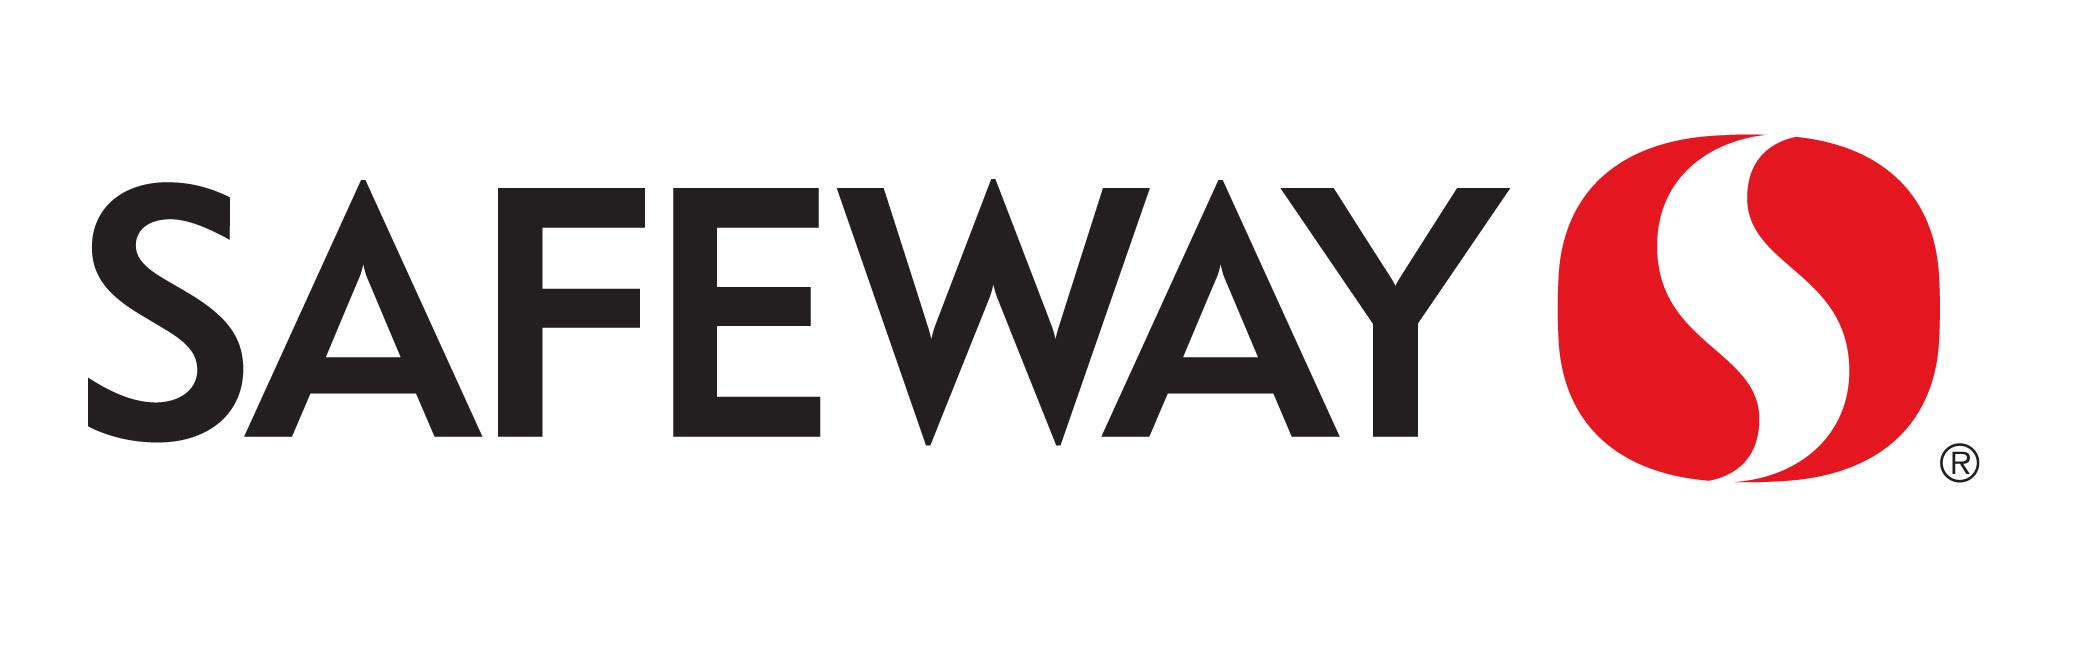 Safeway-Logo.jpg